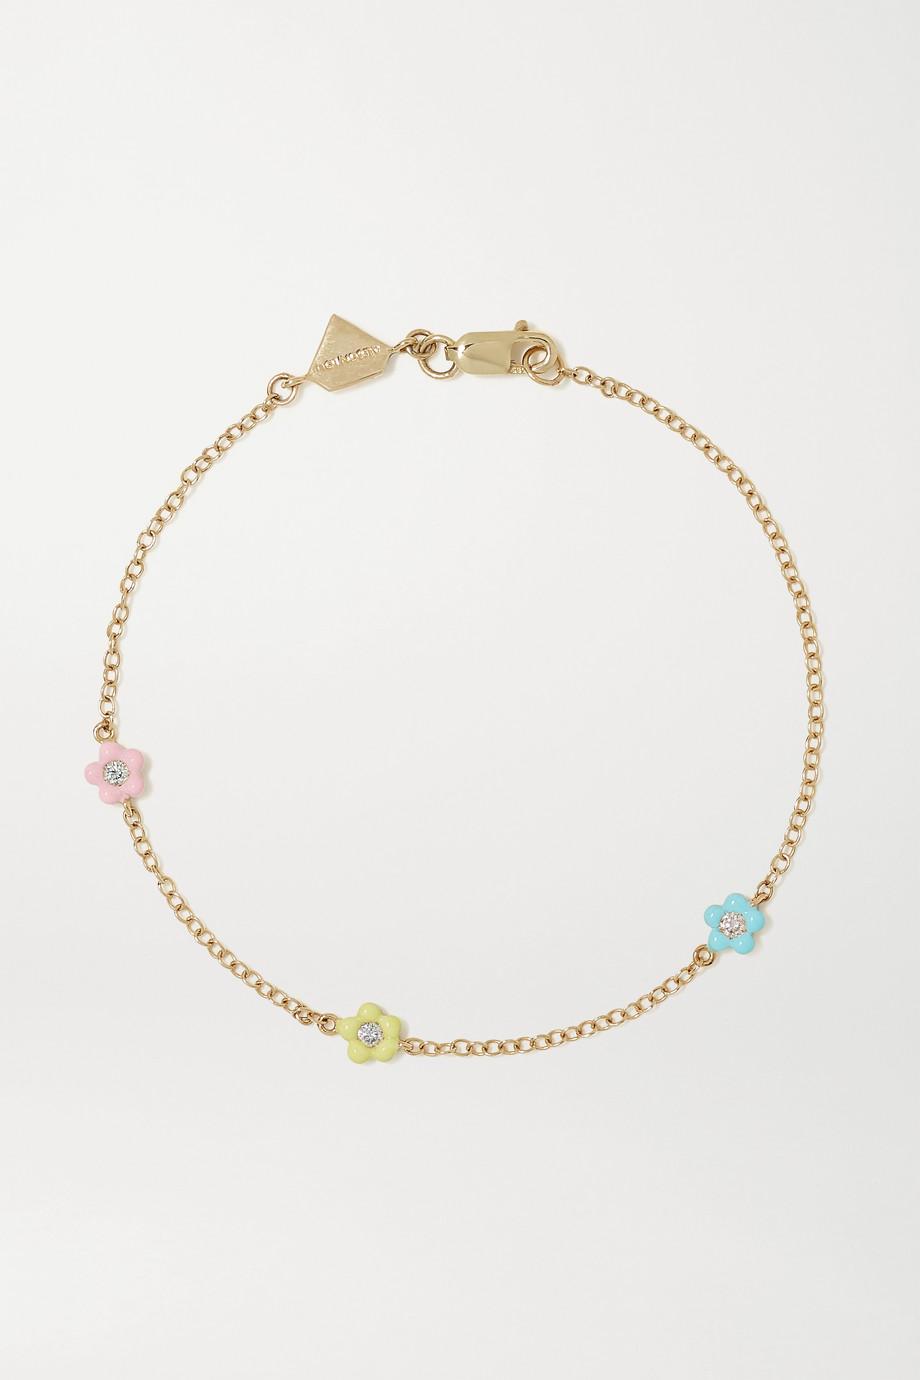 Alison Lou Mini Flower By The Yard Armband aus 14 Karat Gold mit Diamanten und Emaille